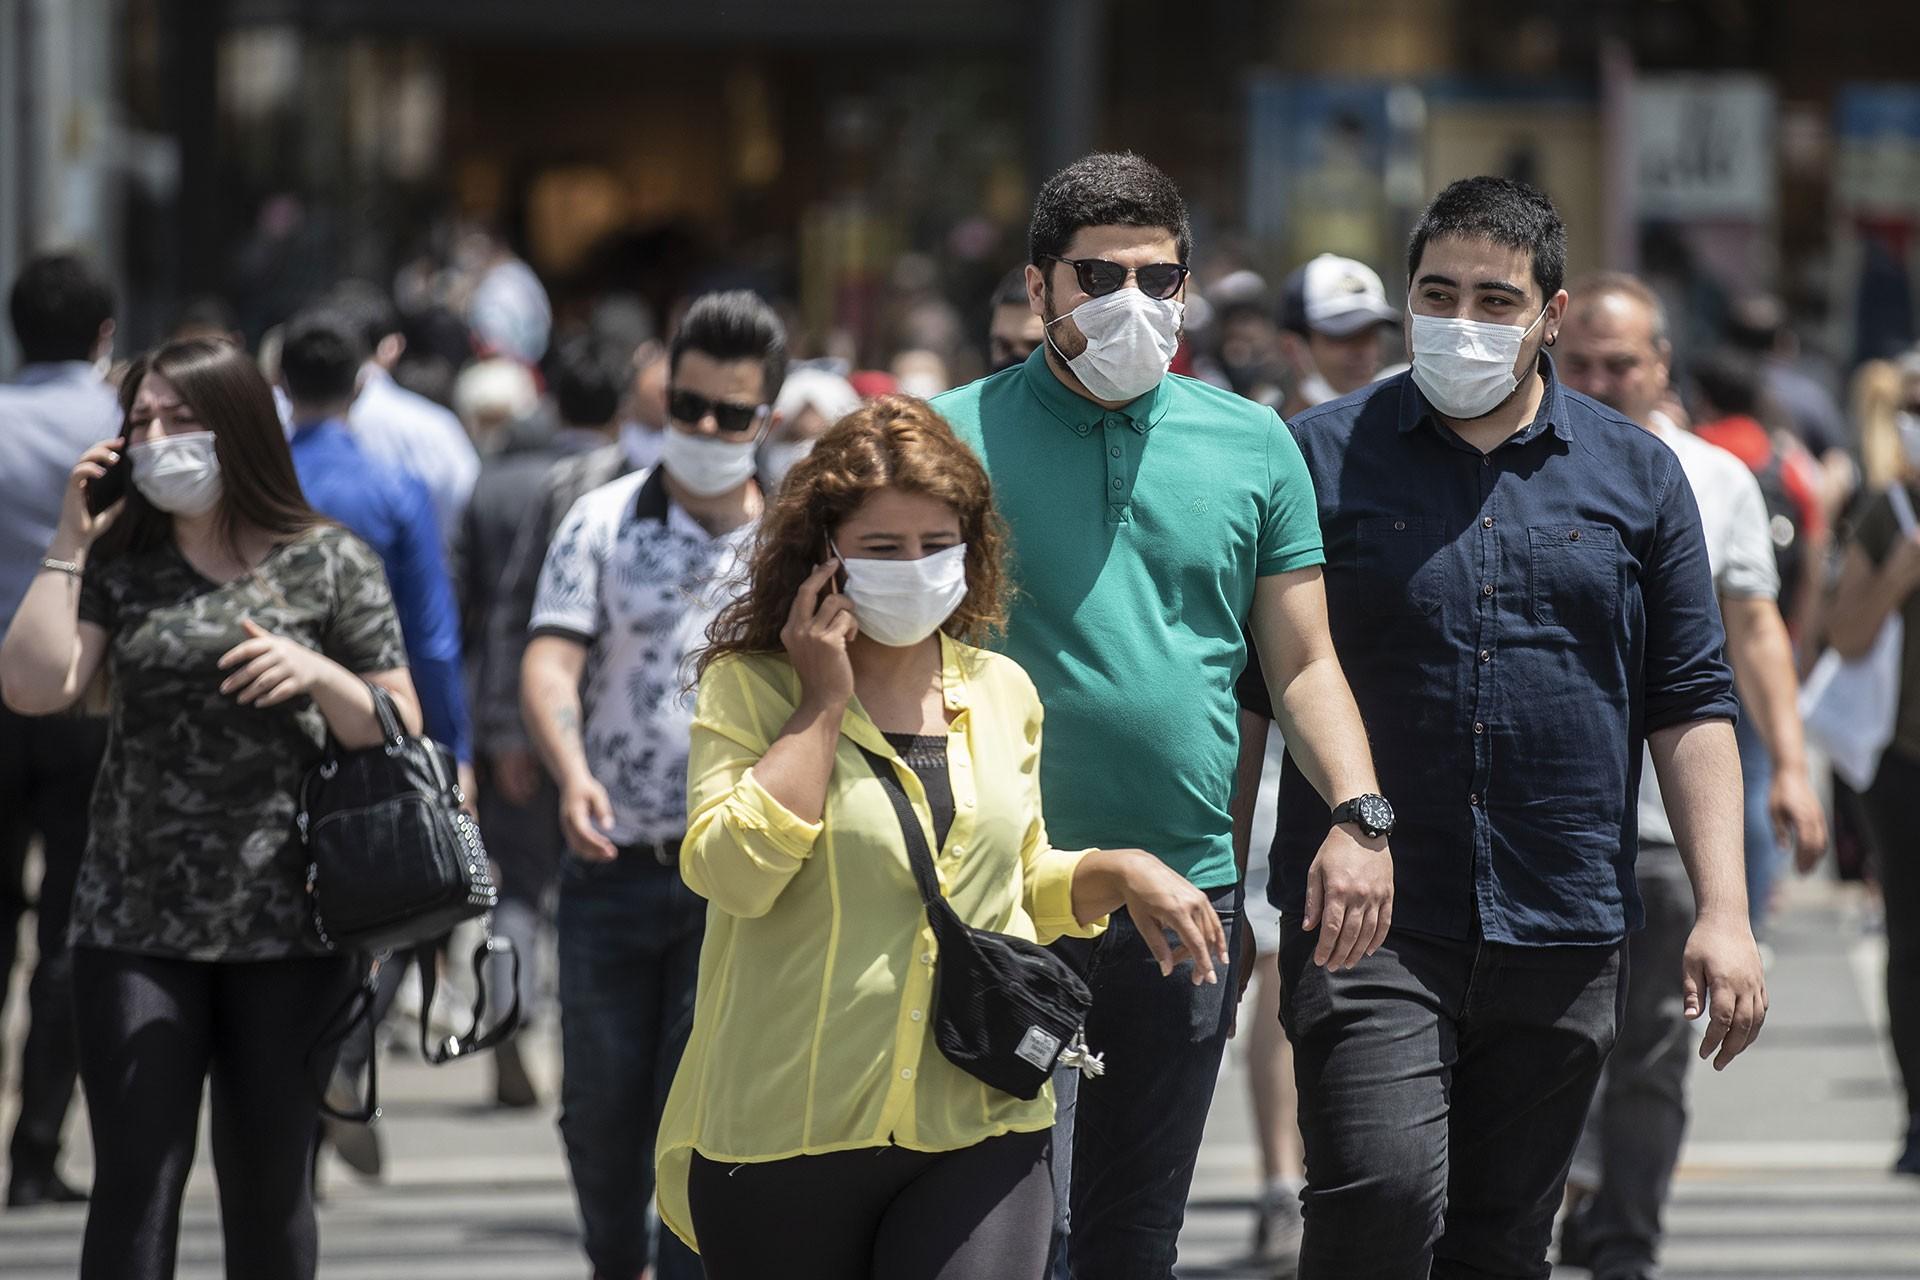 İstanbul, Ankara ve Bursa'da maske takma zorunluluğu getirildi - Evrensel